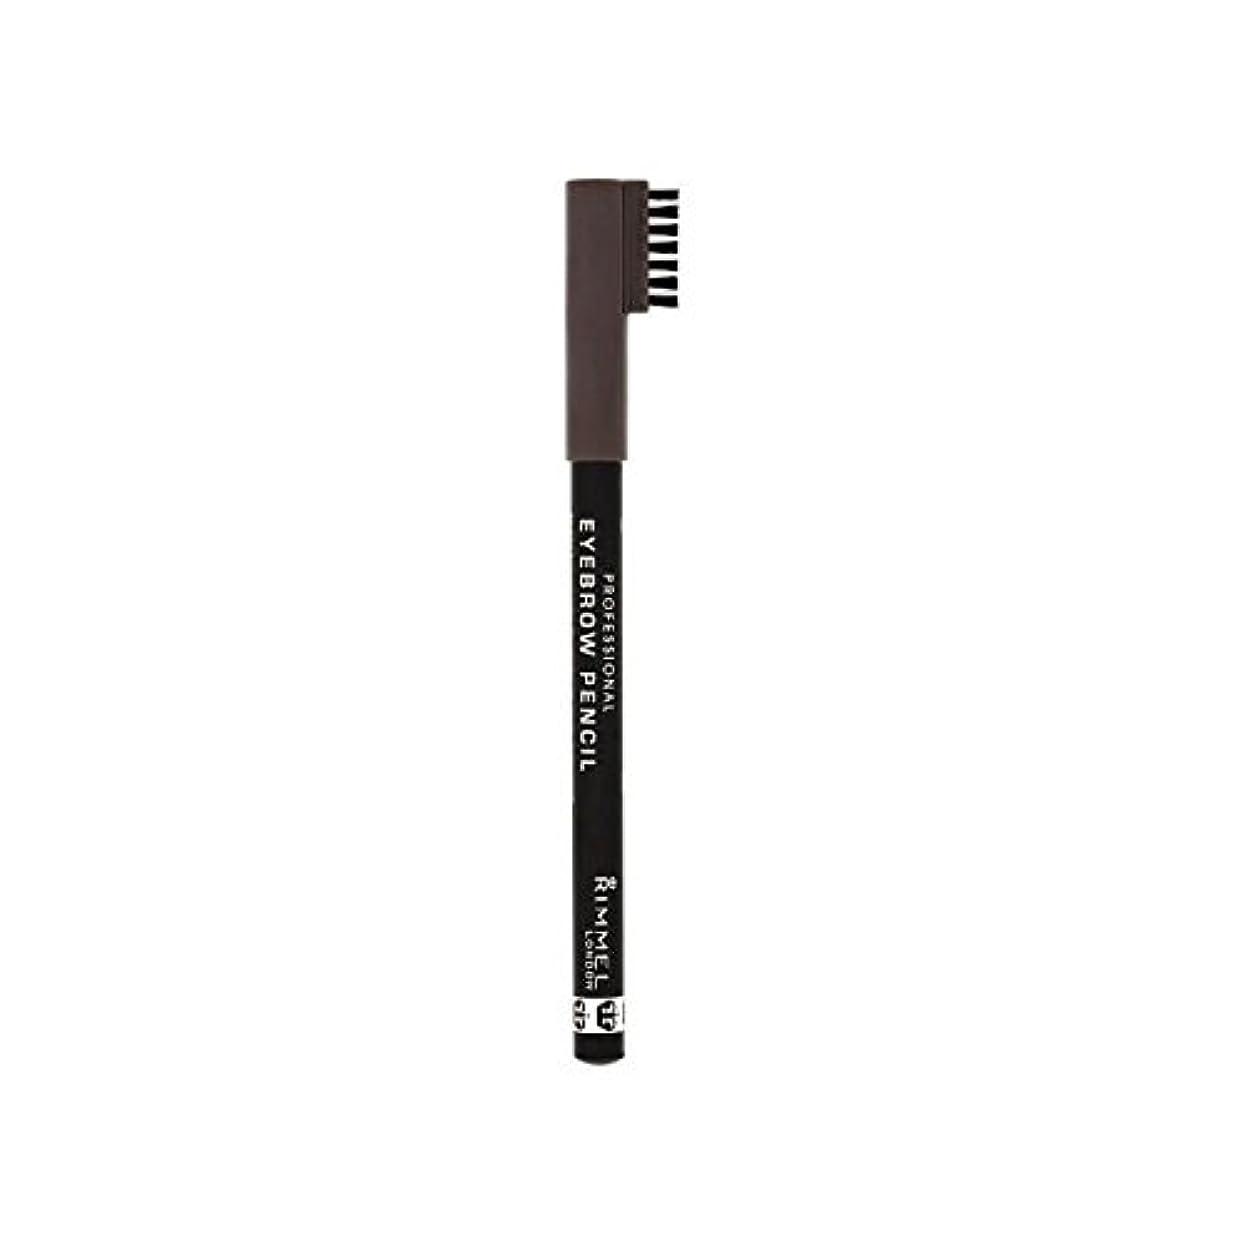 強盗魔女なすRimmel Professional Eyebrow Pencil Black/Brown - リンメルプロの眉ペンシルブラウン/黒 [並行輸入品]